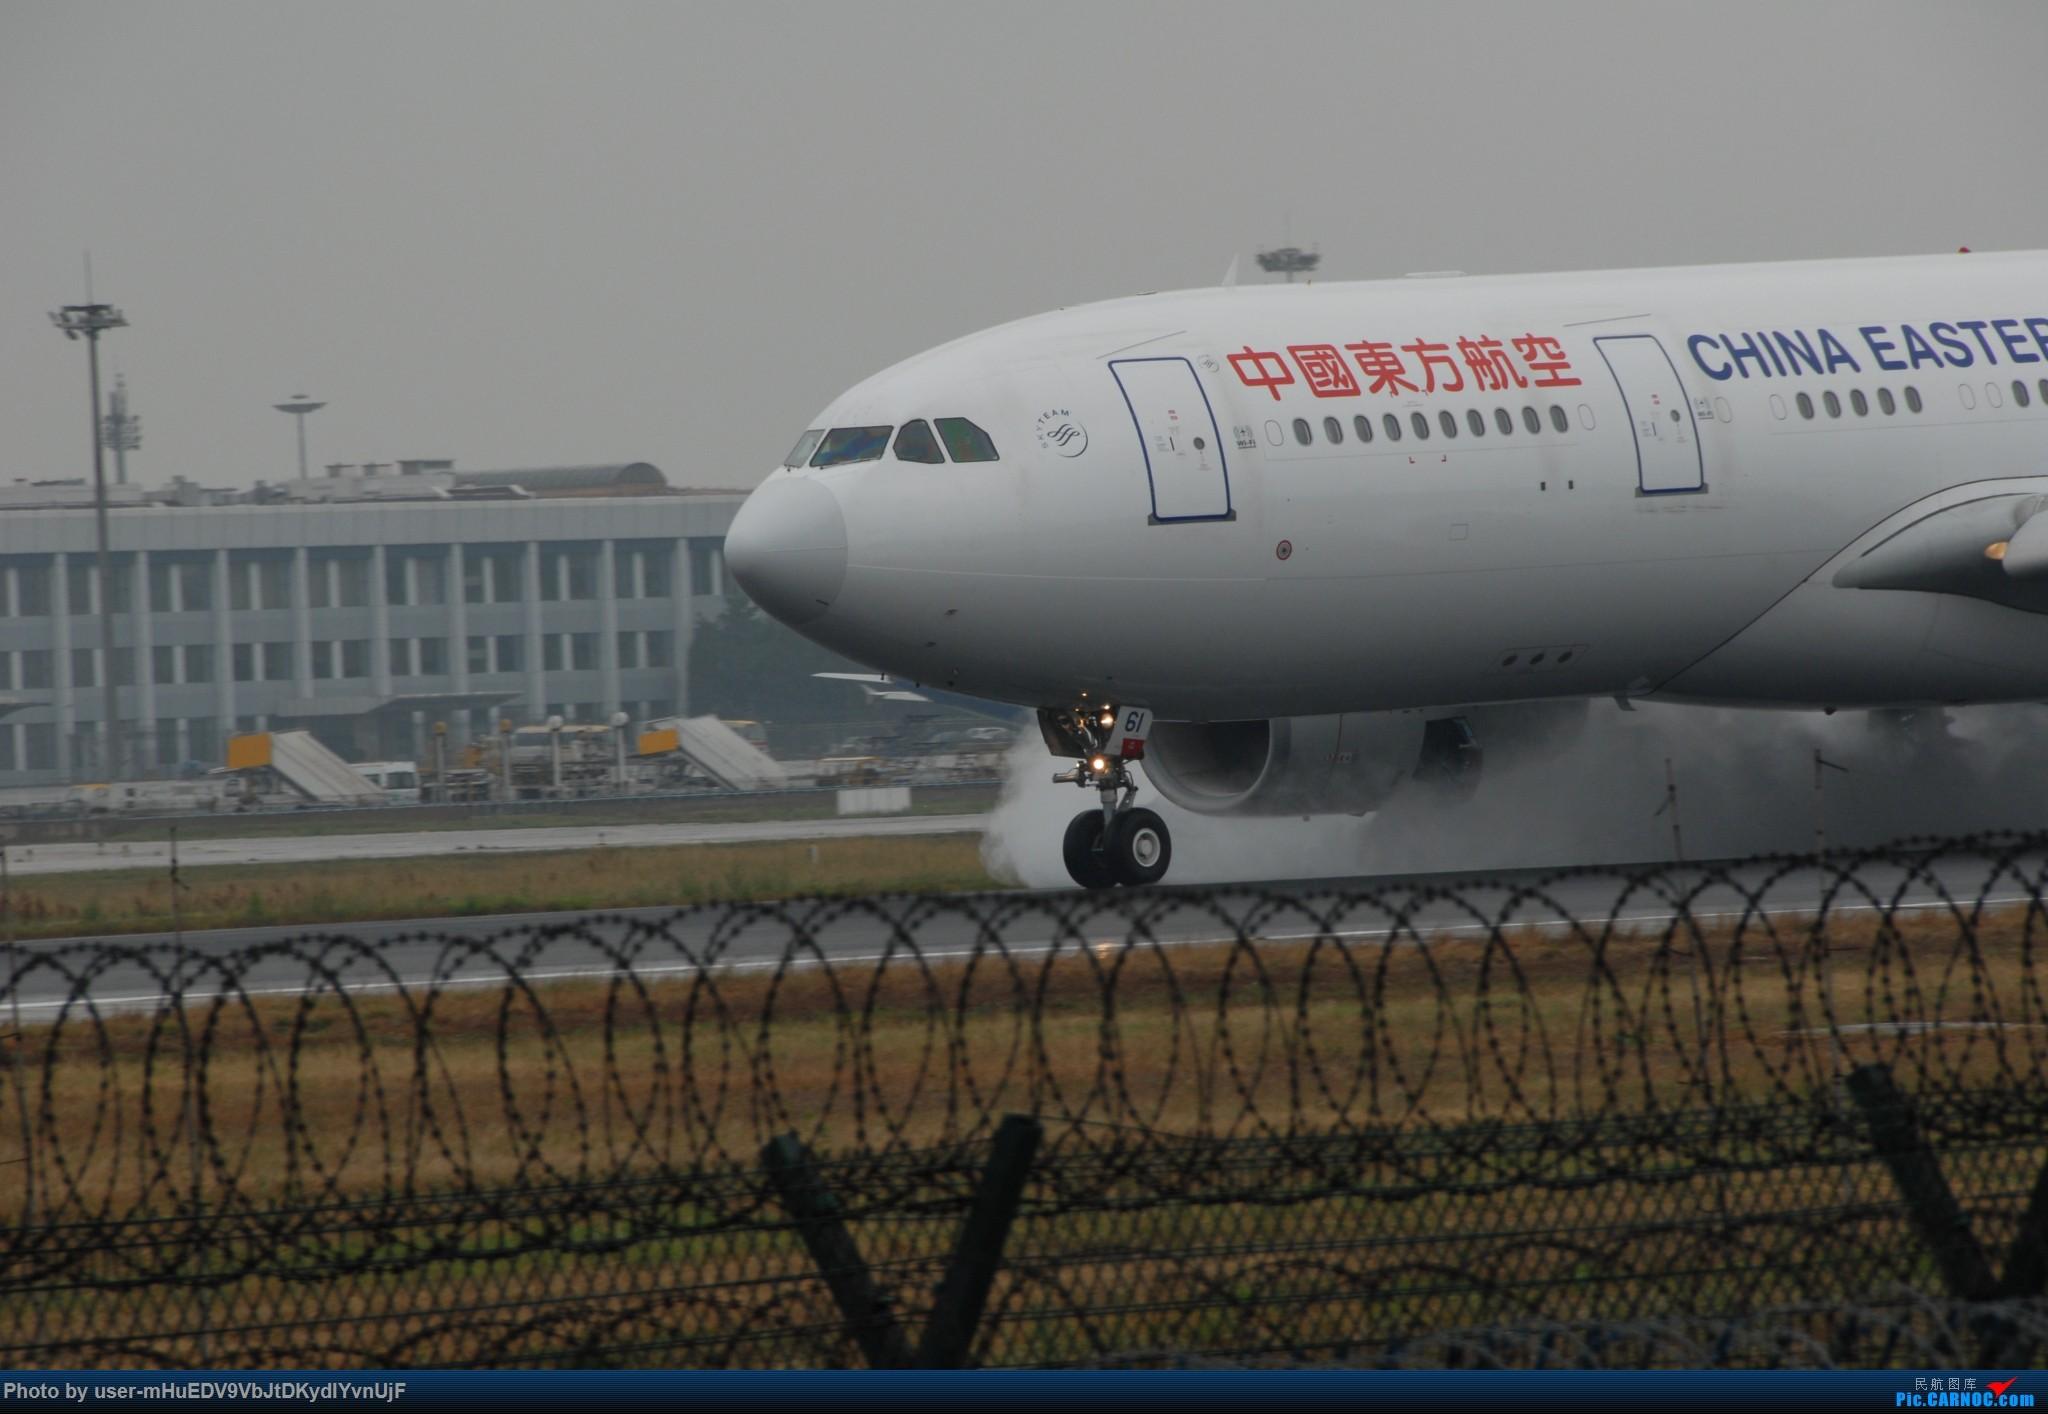 Re:[原创]萌新第一次pek拍机大佬们多多指教〉〉〉 AIRBUS A330-200 B-5961 中国北京首都国际机场